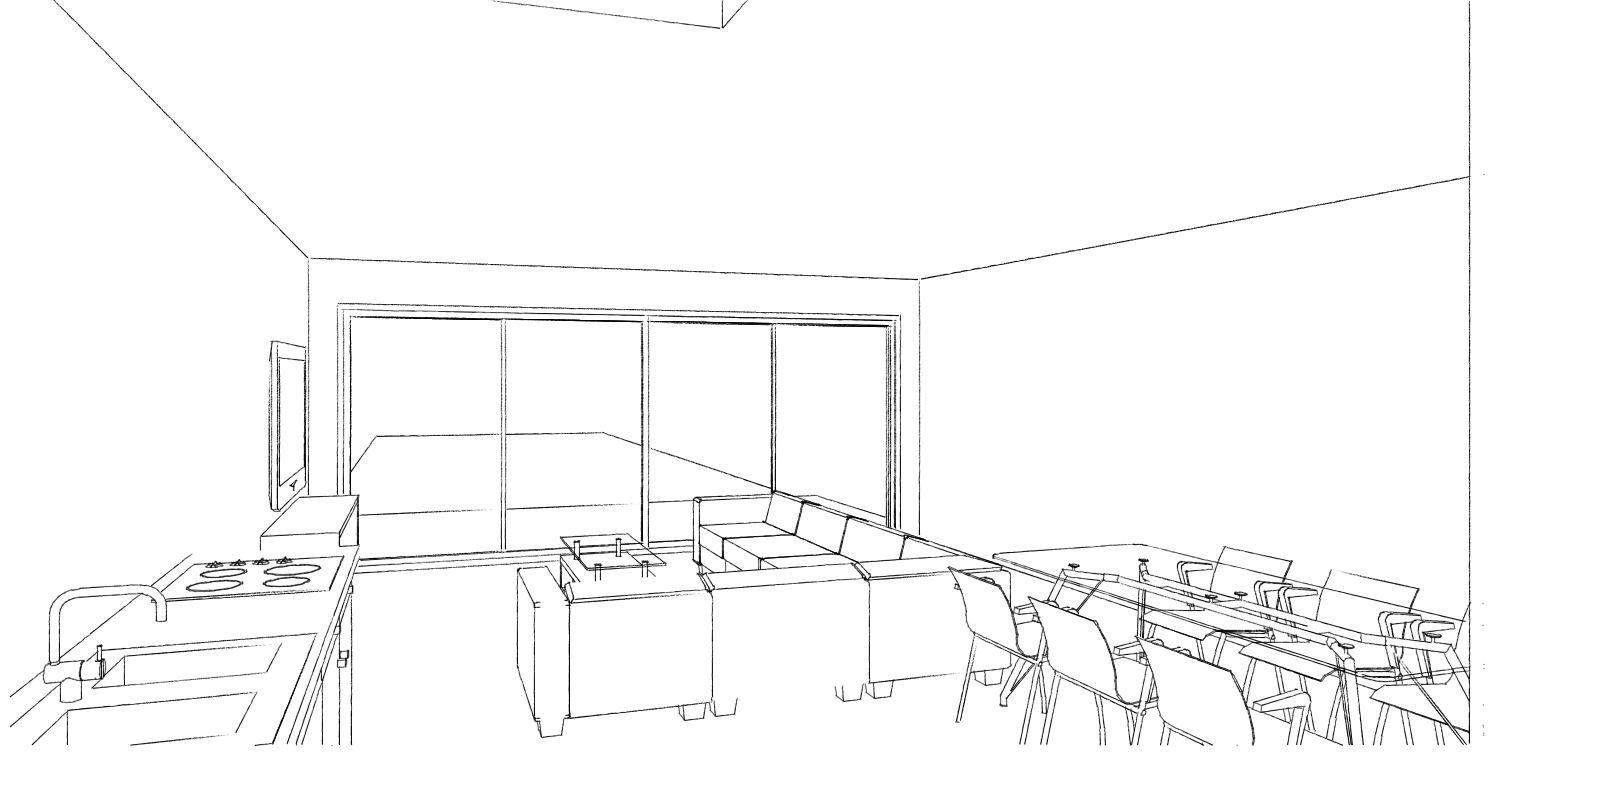 15.28 Atelier Permis de construire construction maison nord7